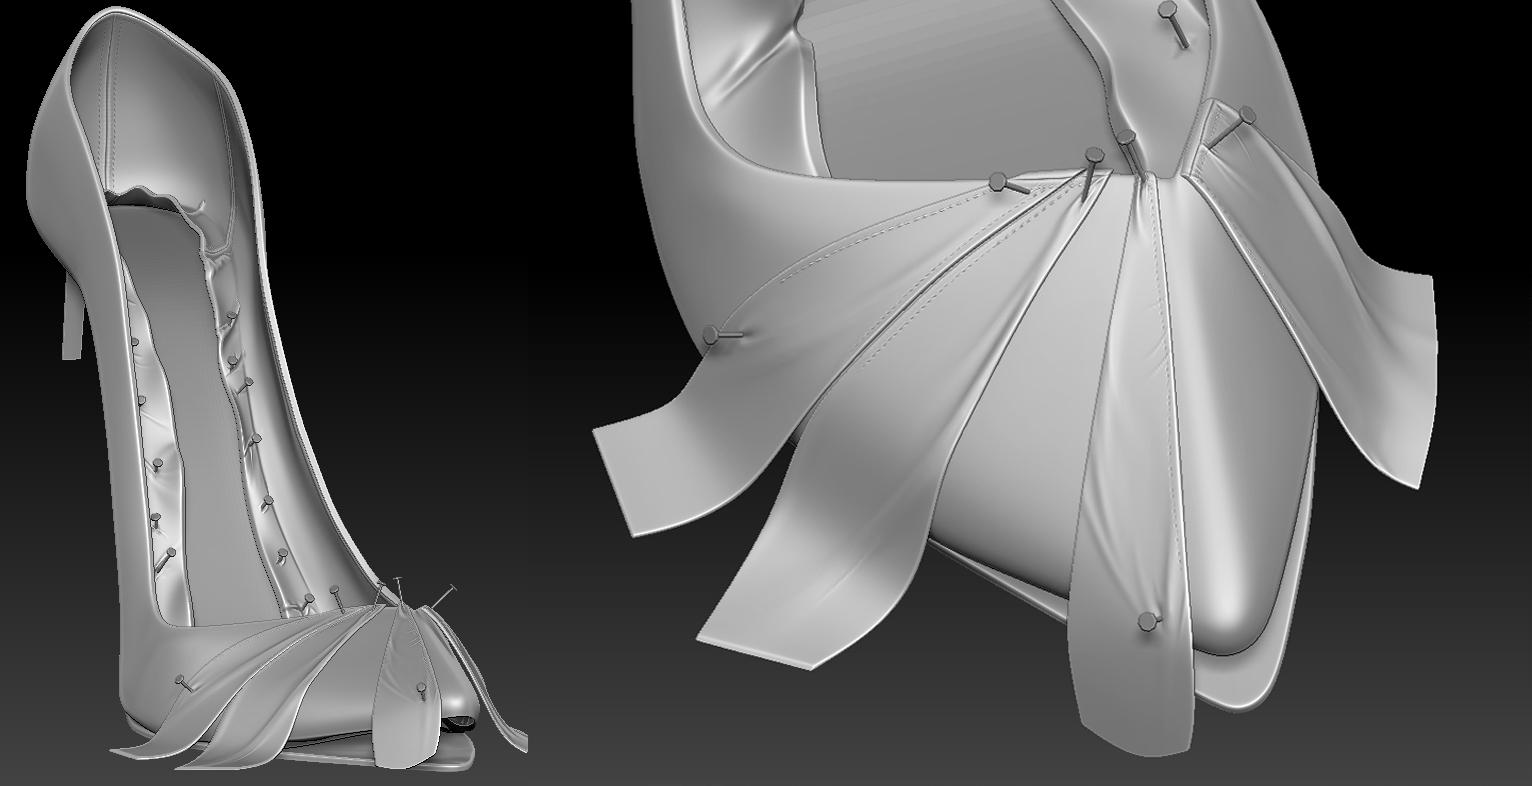 heel_modeling_ZB-2-2.jpg